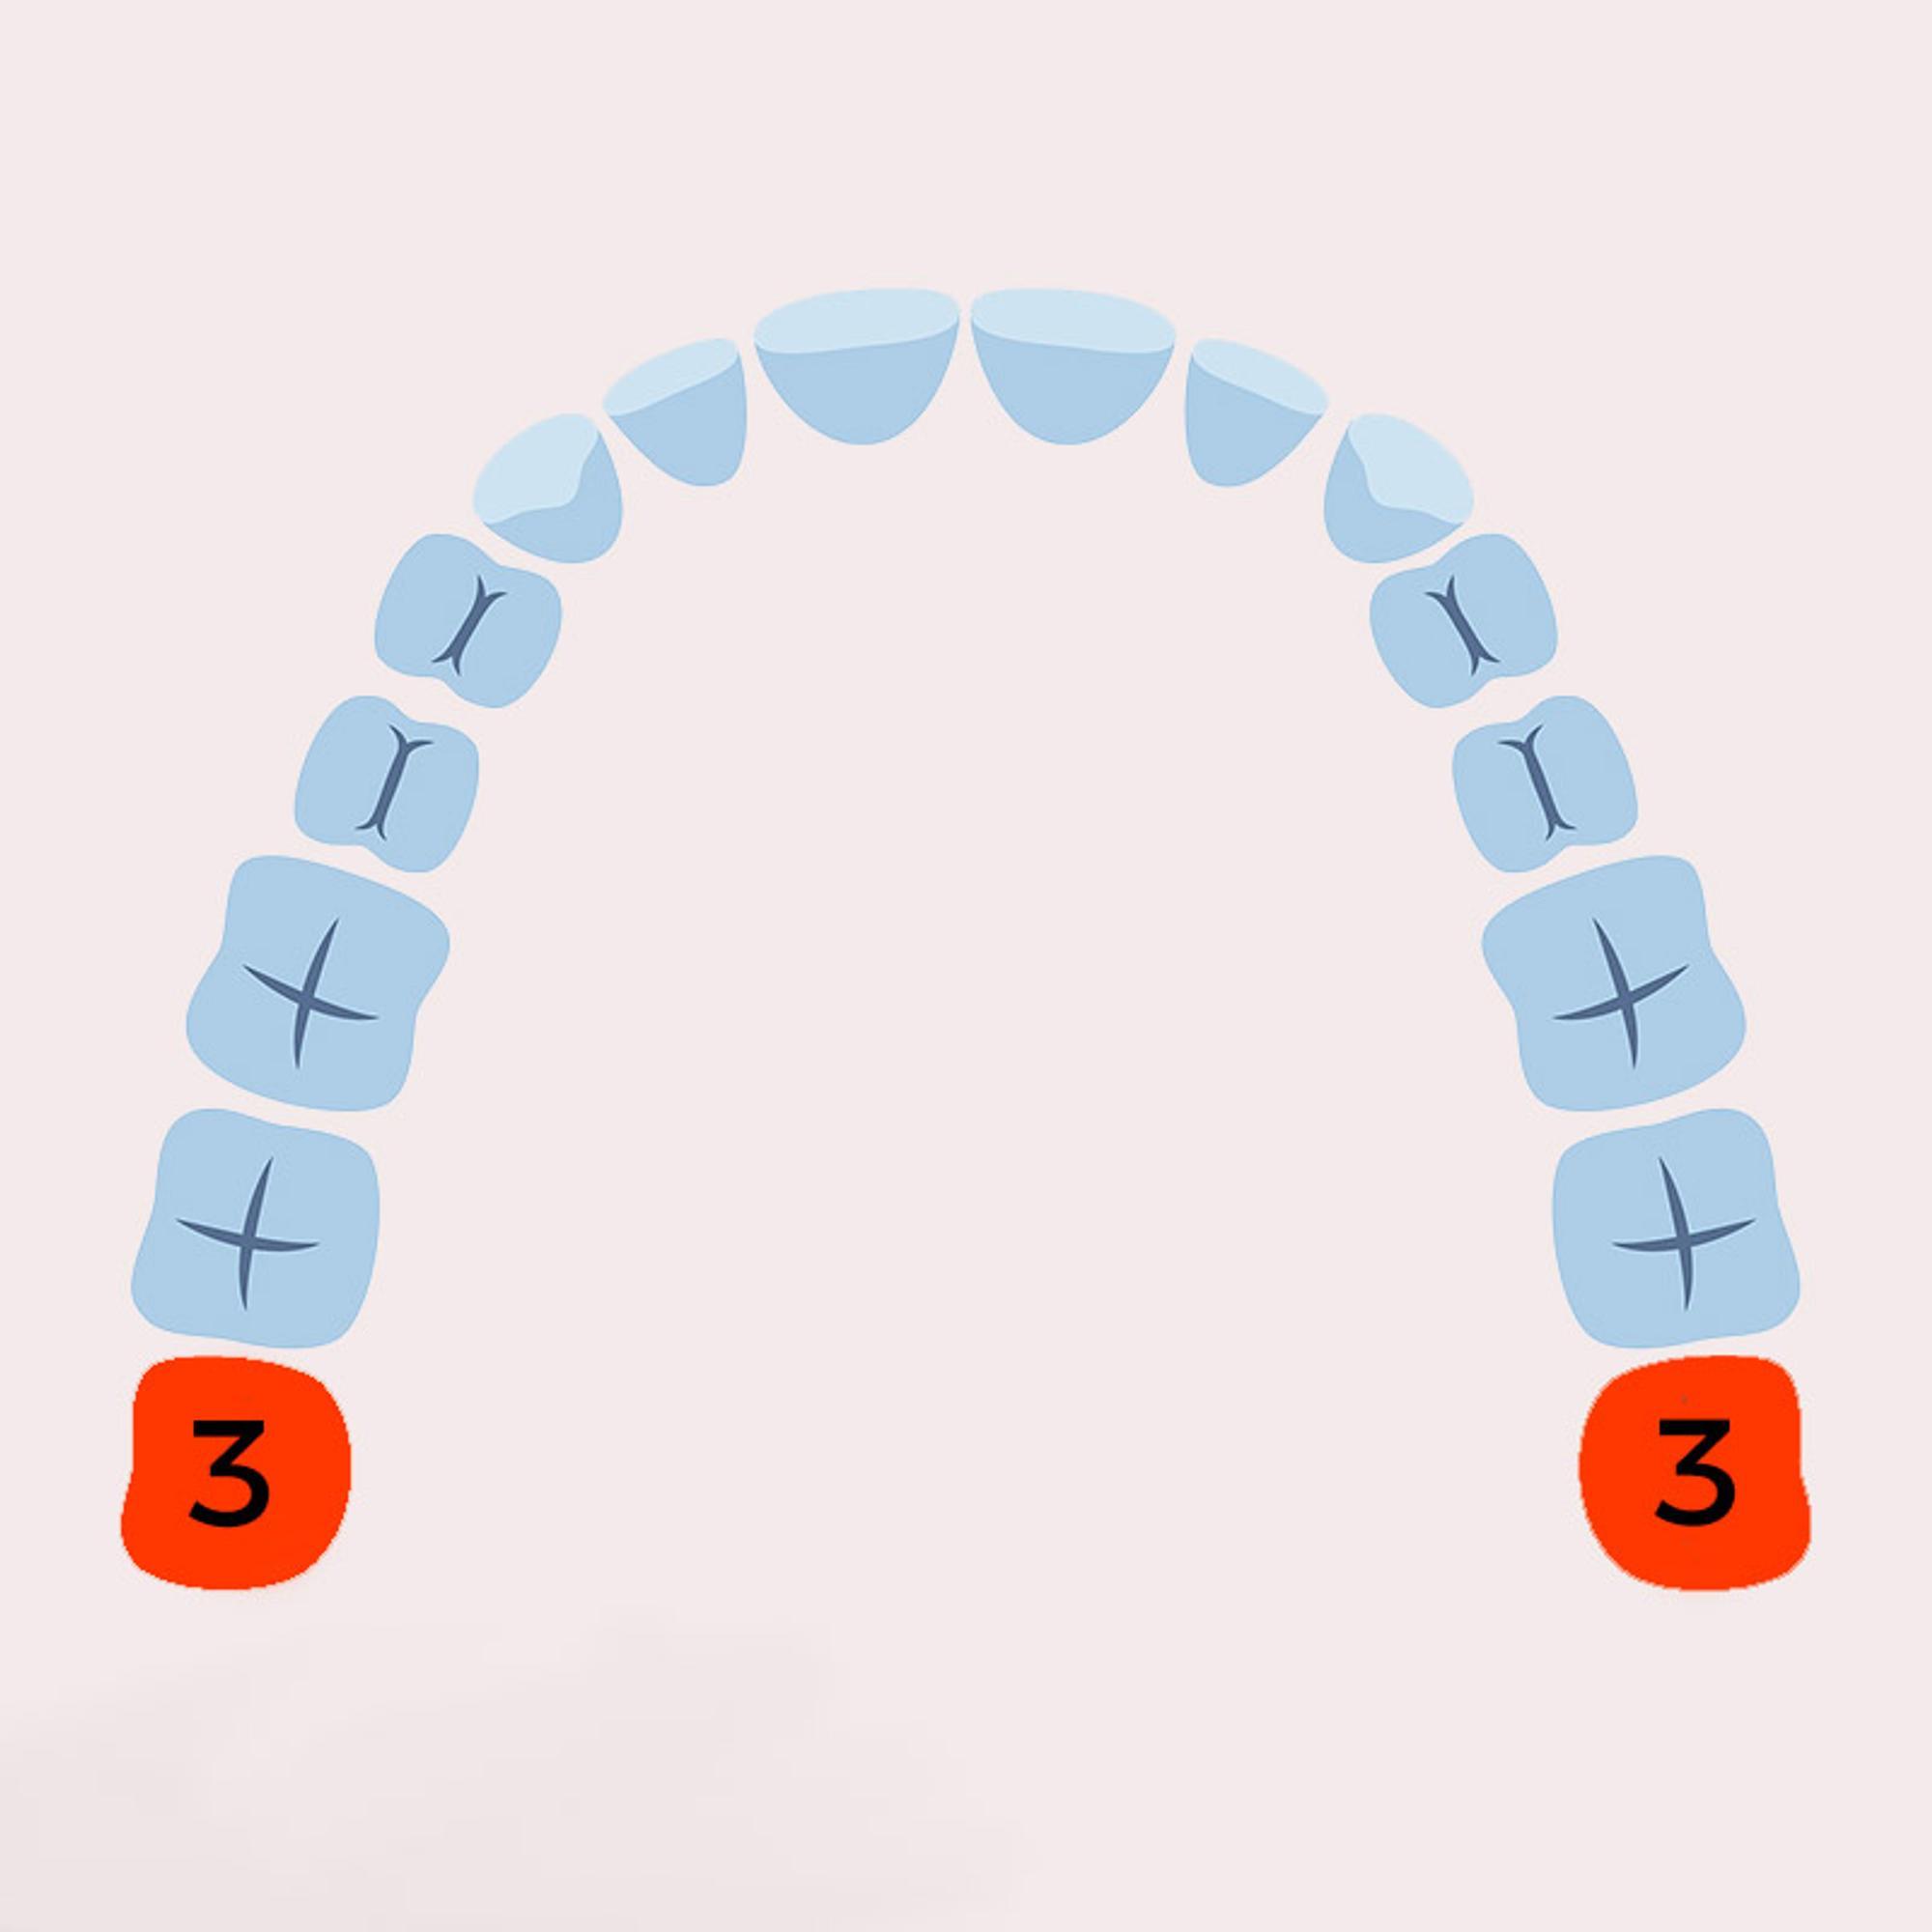 Zahnwechsel 3. Phase